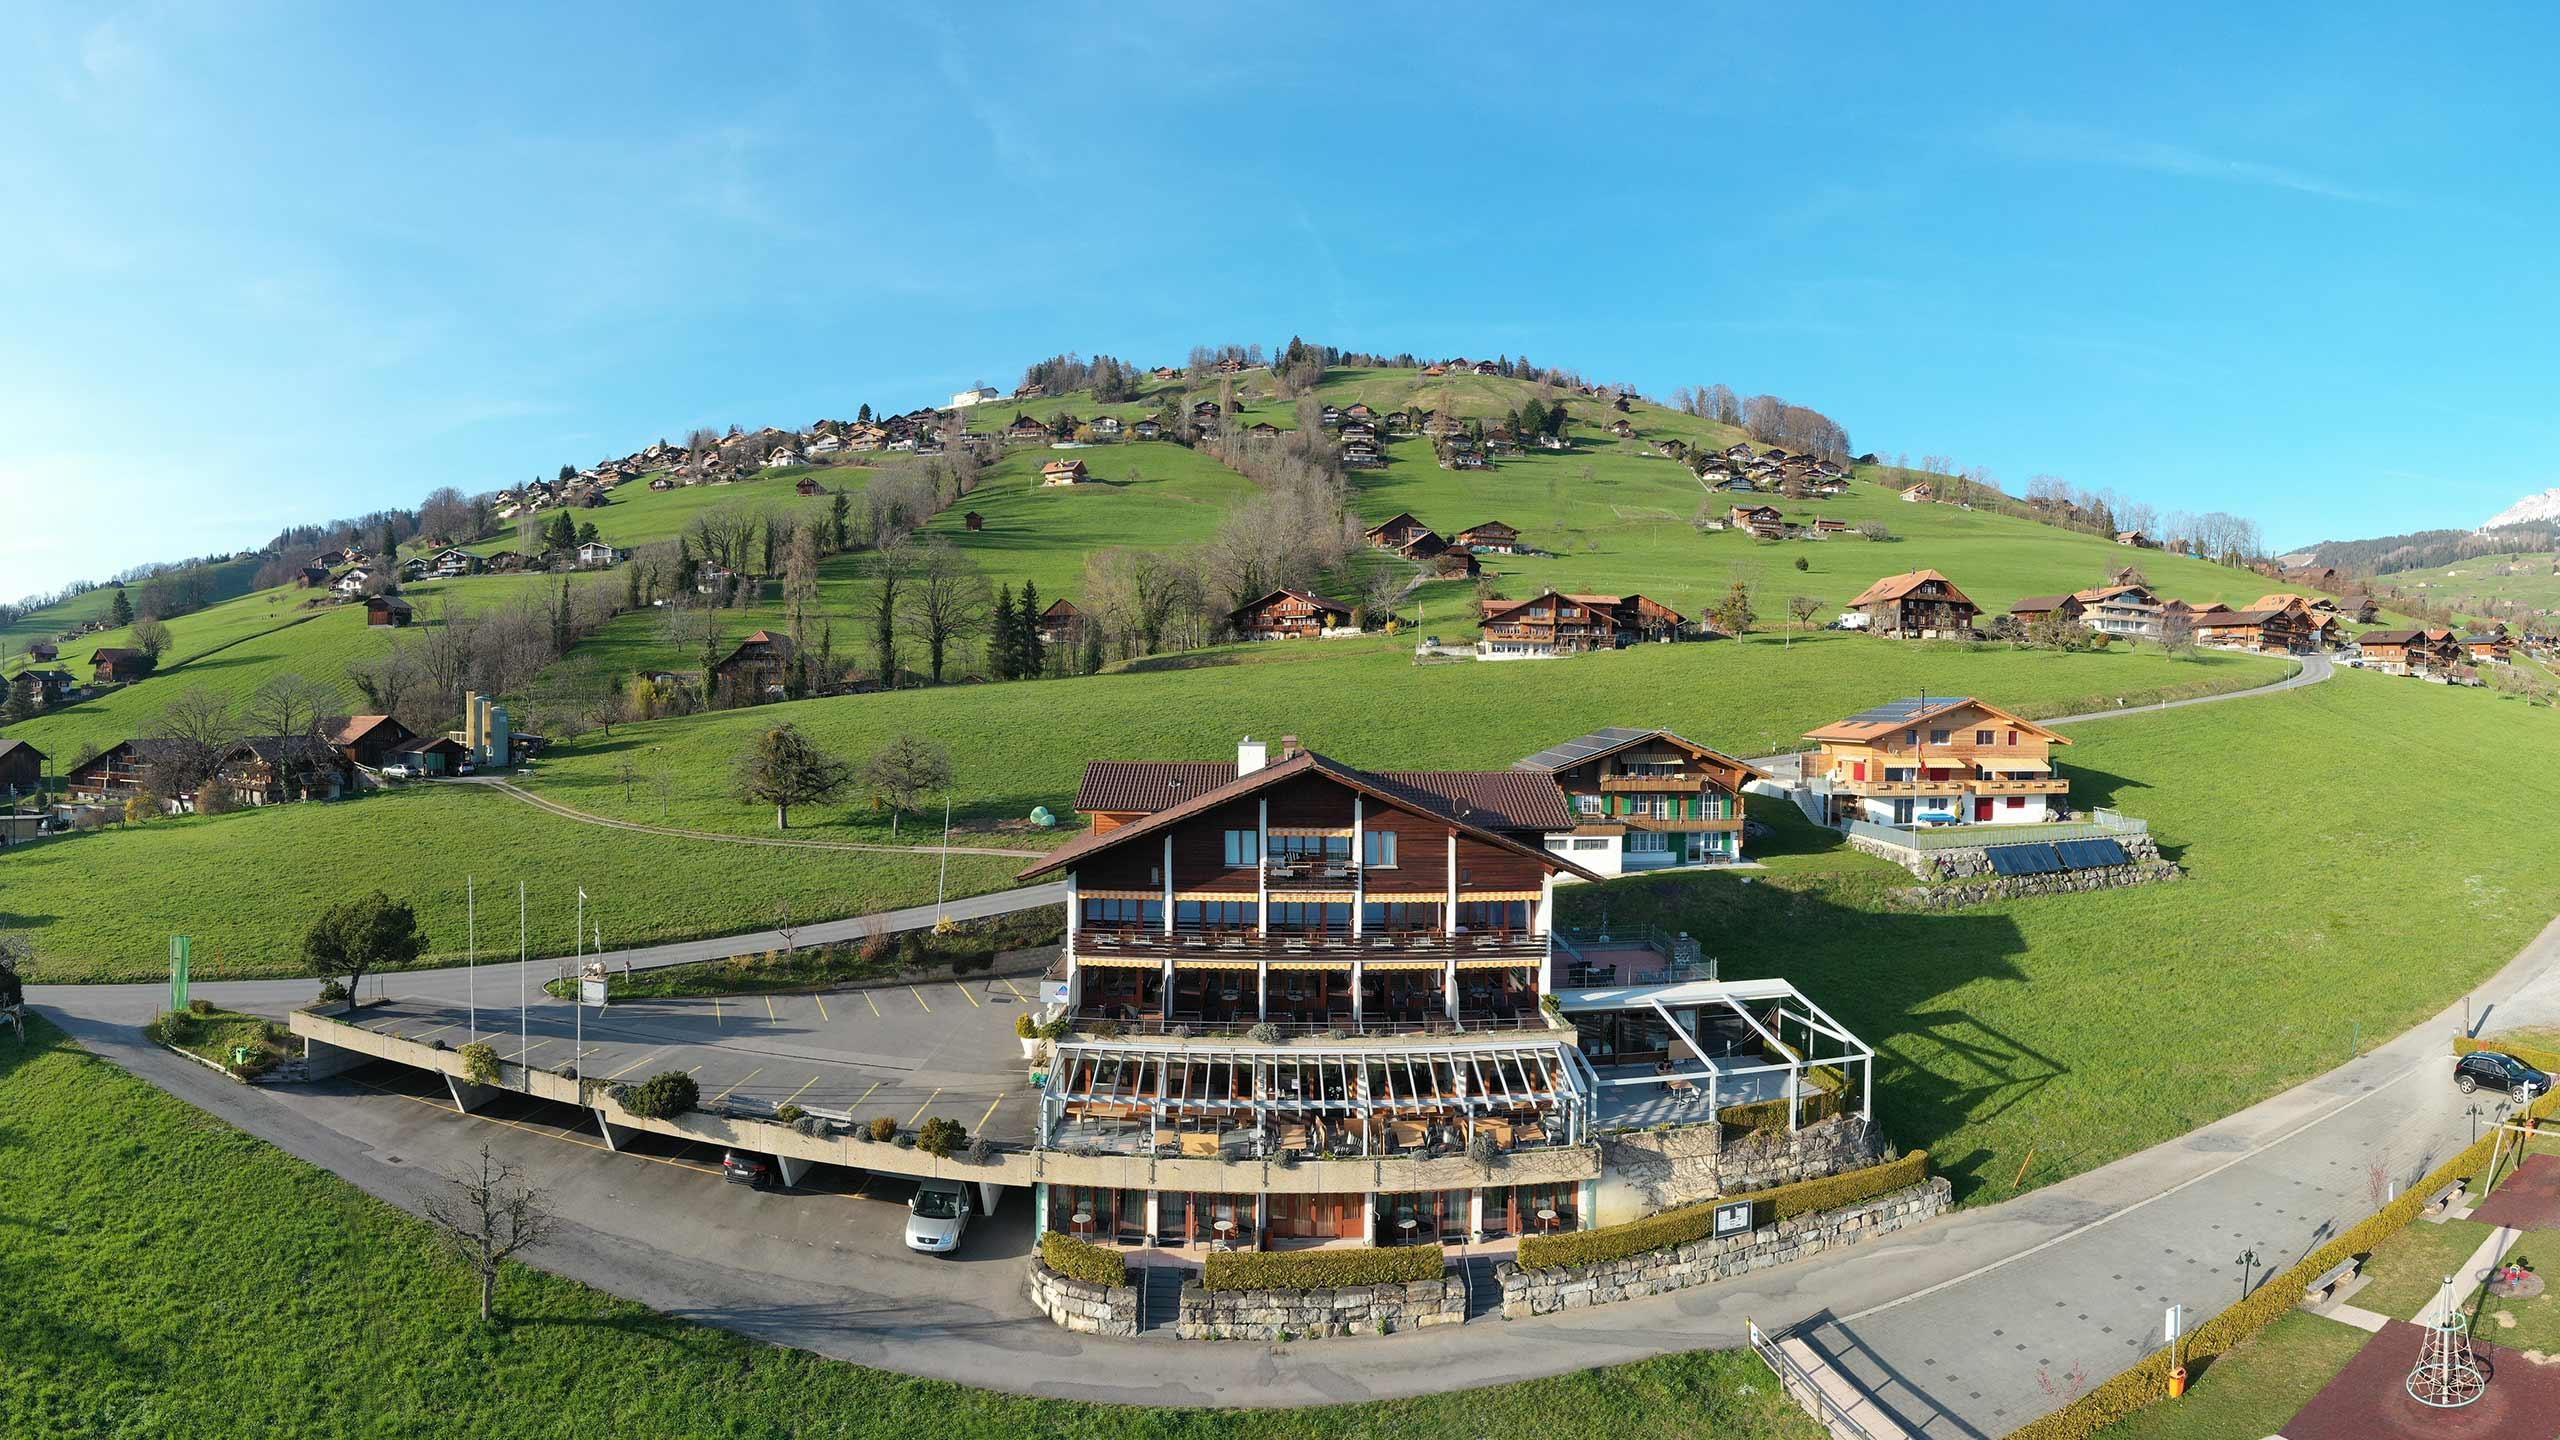 hotel-restaurant-panorama-aeschlen-luftbild-gebaeude-sommer.jpg